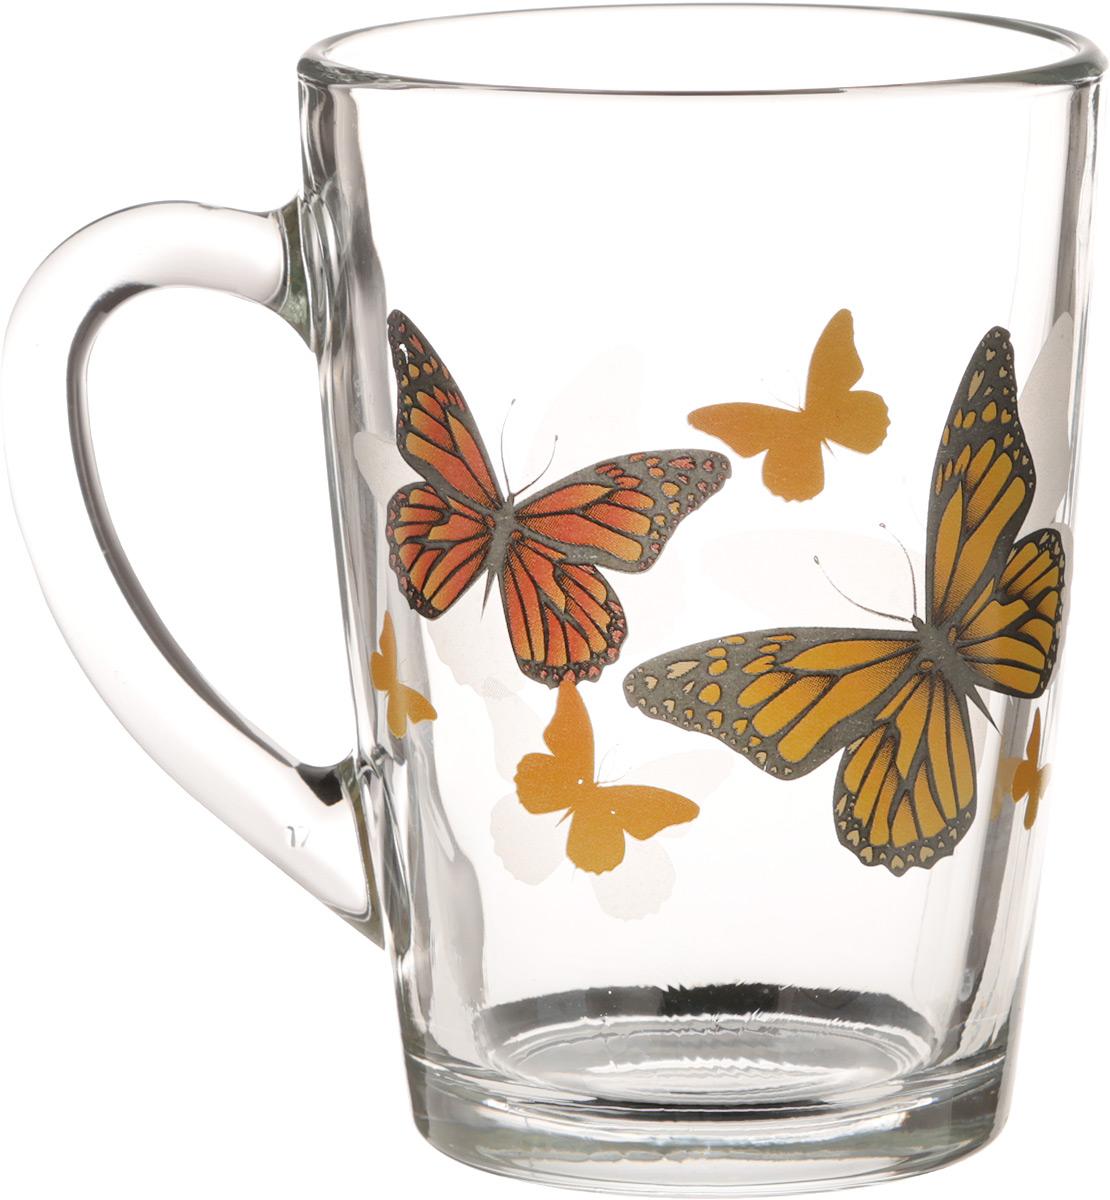 Кружка OSZ Капучино. Желтые бабочки, 300 мл07C1334-ZHBКружка OSZ Капучино. Желтые бабочки изготовлена из стекла и декорирована принтом.Диаметр (по верхнему краю): 7,5 см. Высота: 11 см.